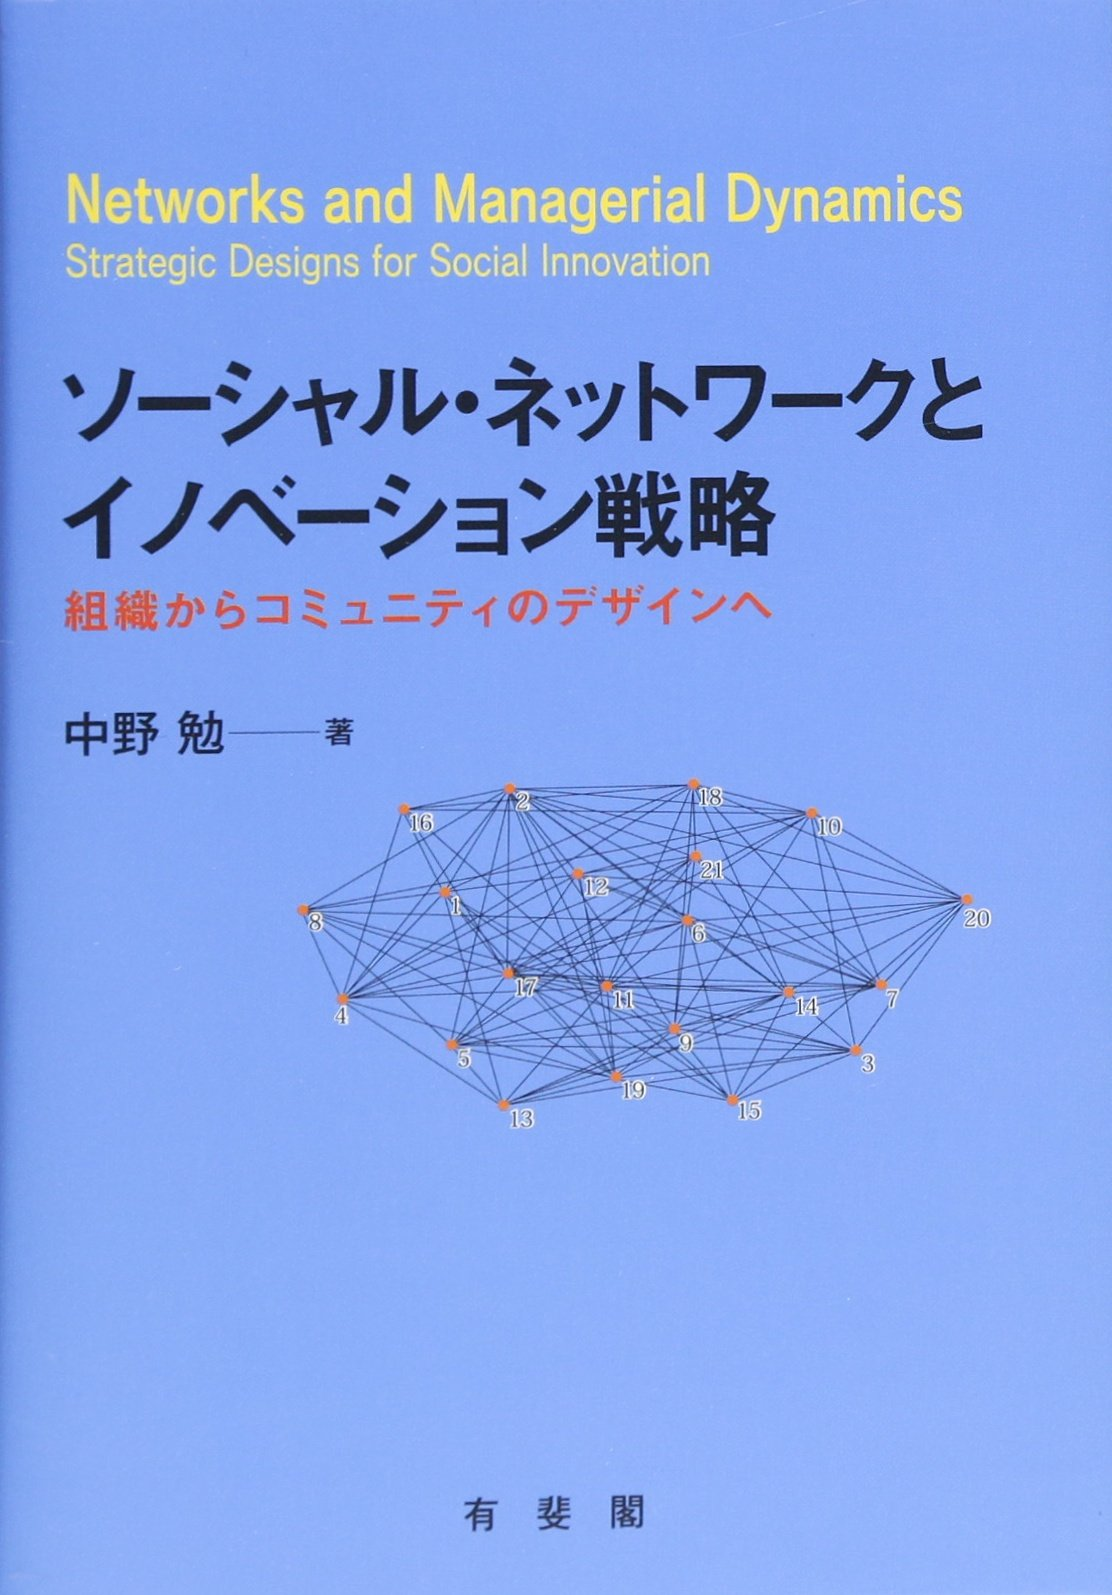 中野勉(青山学院大学)著『ソーシャル・ネットワークとイノベーション戦略』